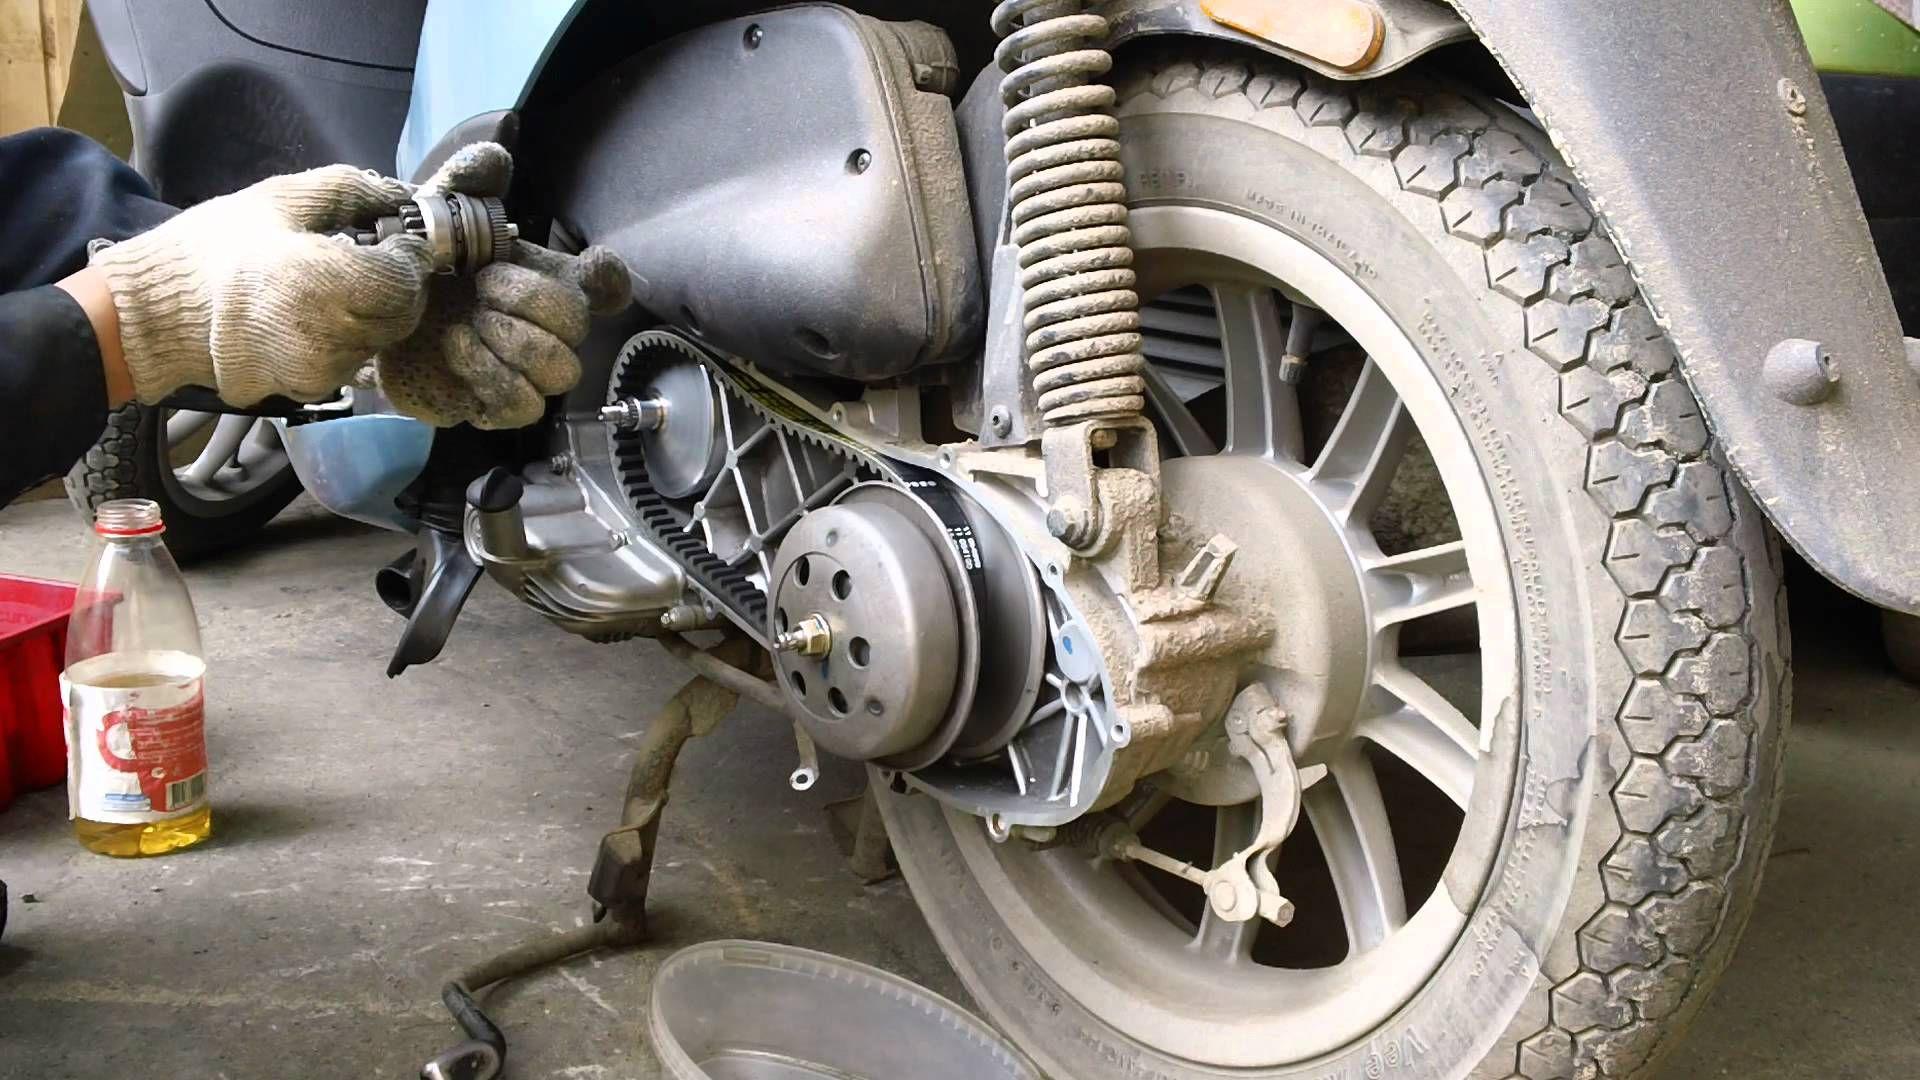 Как поменять ремень на скутере?